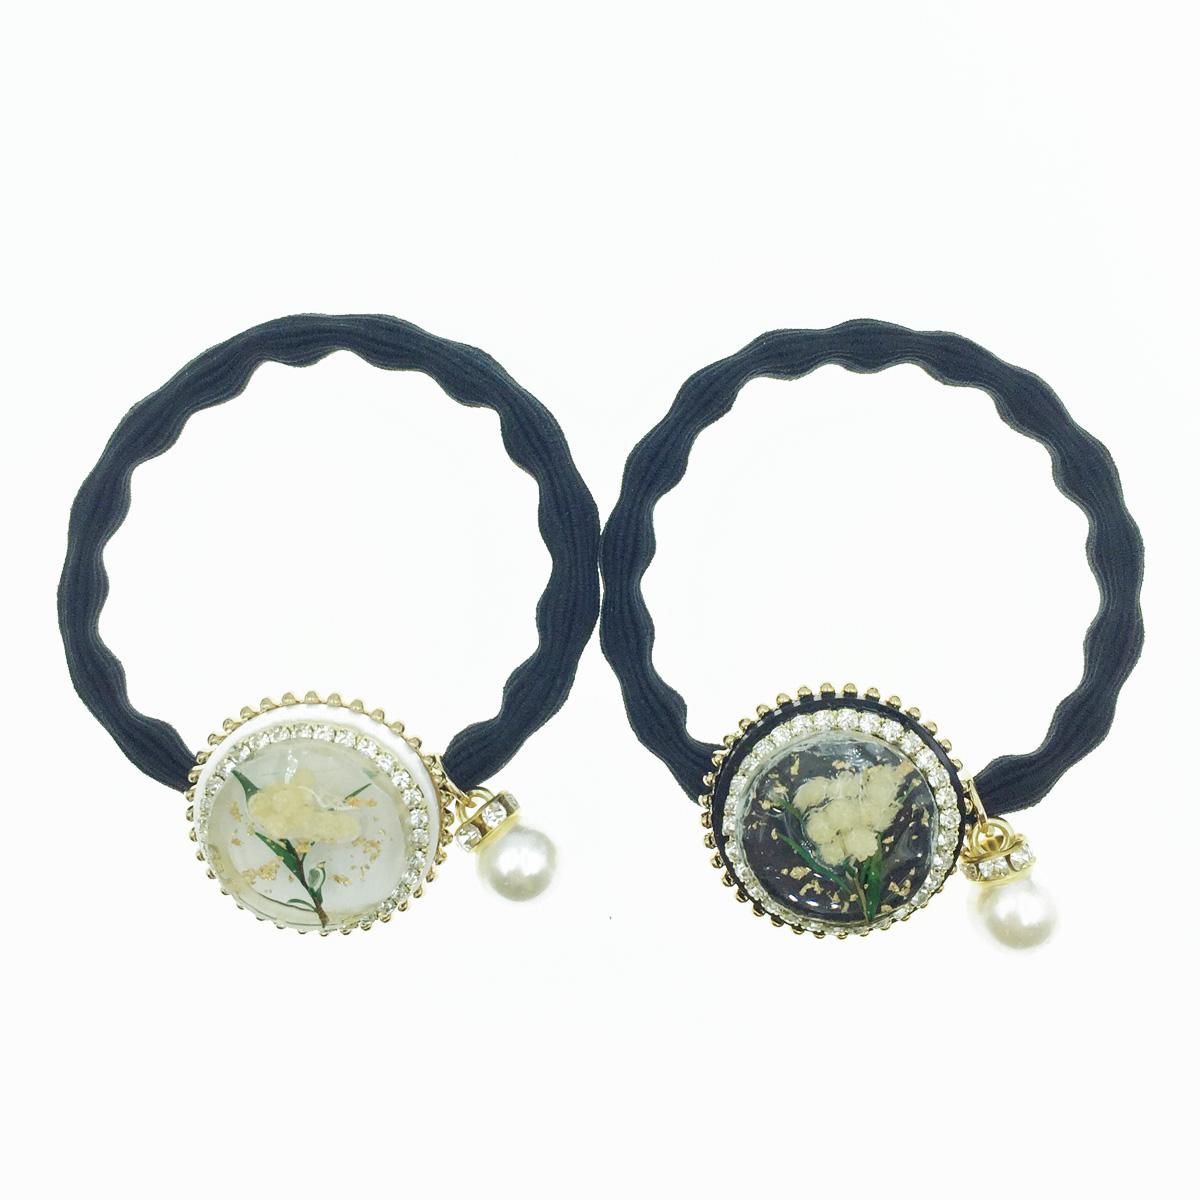 韓國 水鑽 花 珍珠 2色 髮飾 髮束